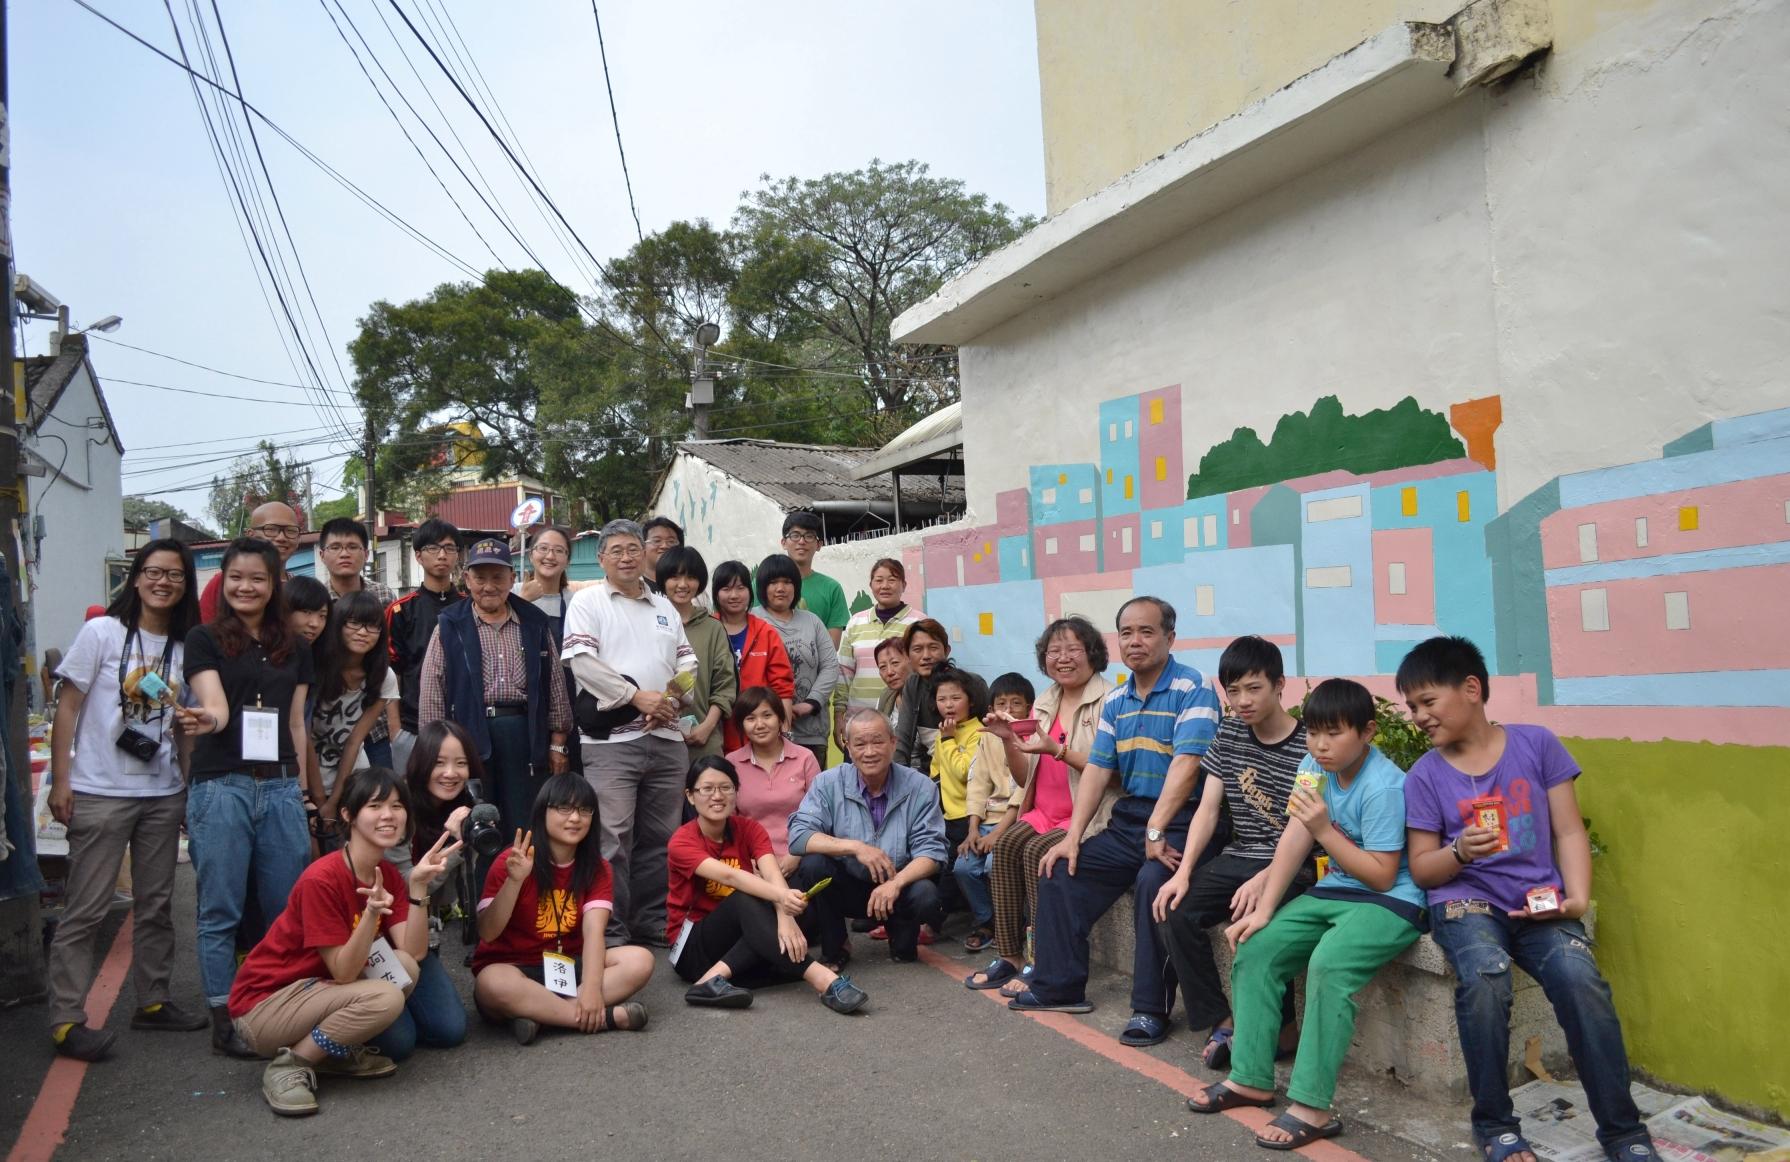 金城社區換裝添新意 彩繪外牆訴說小城故事